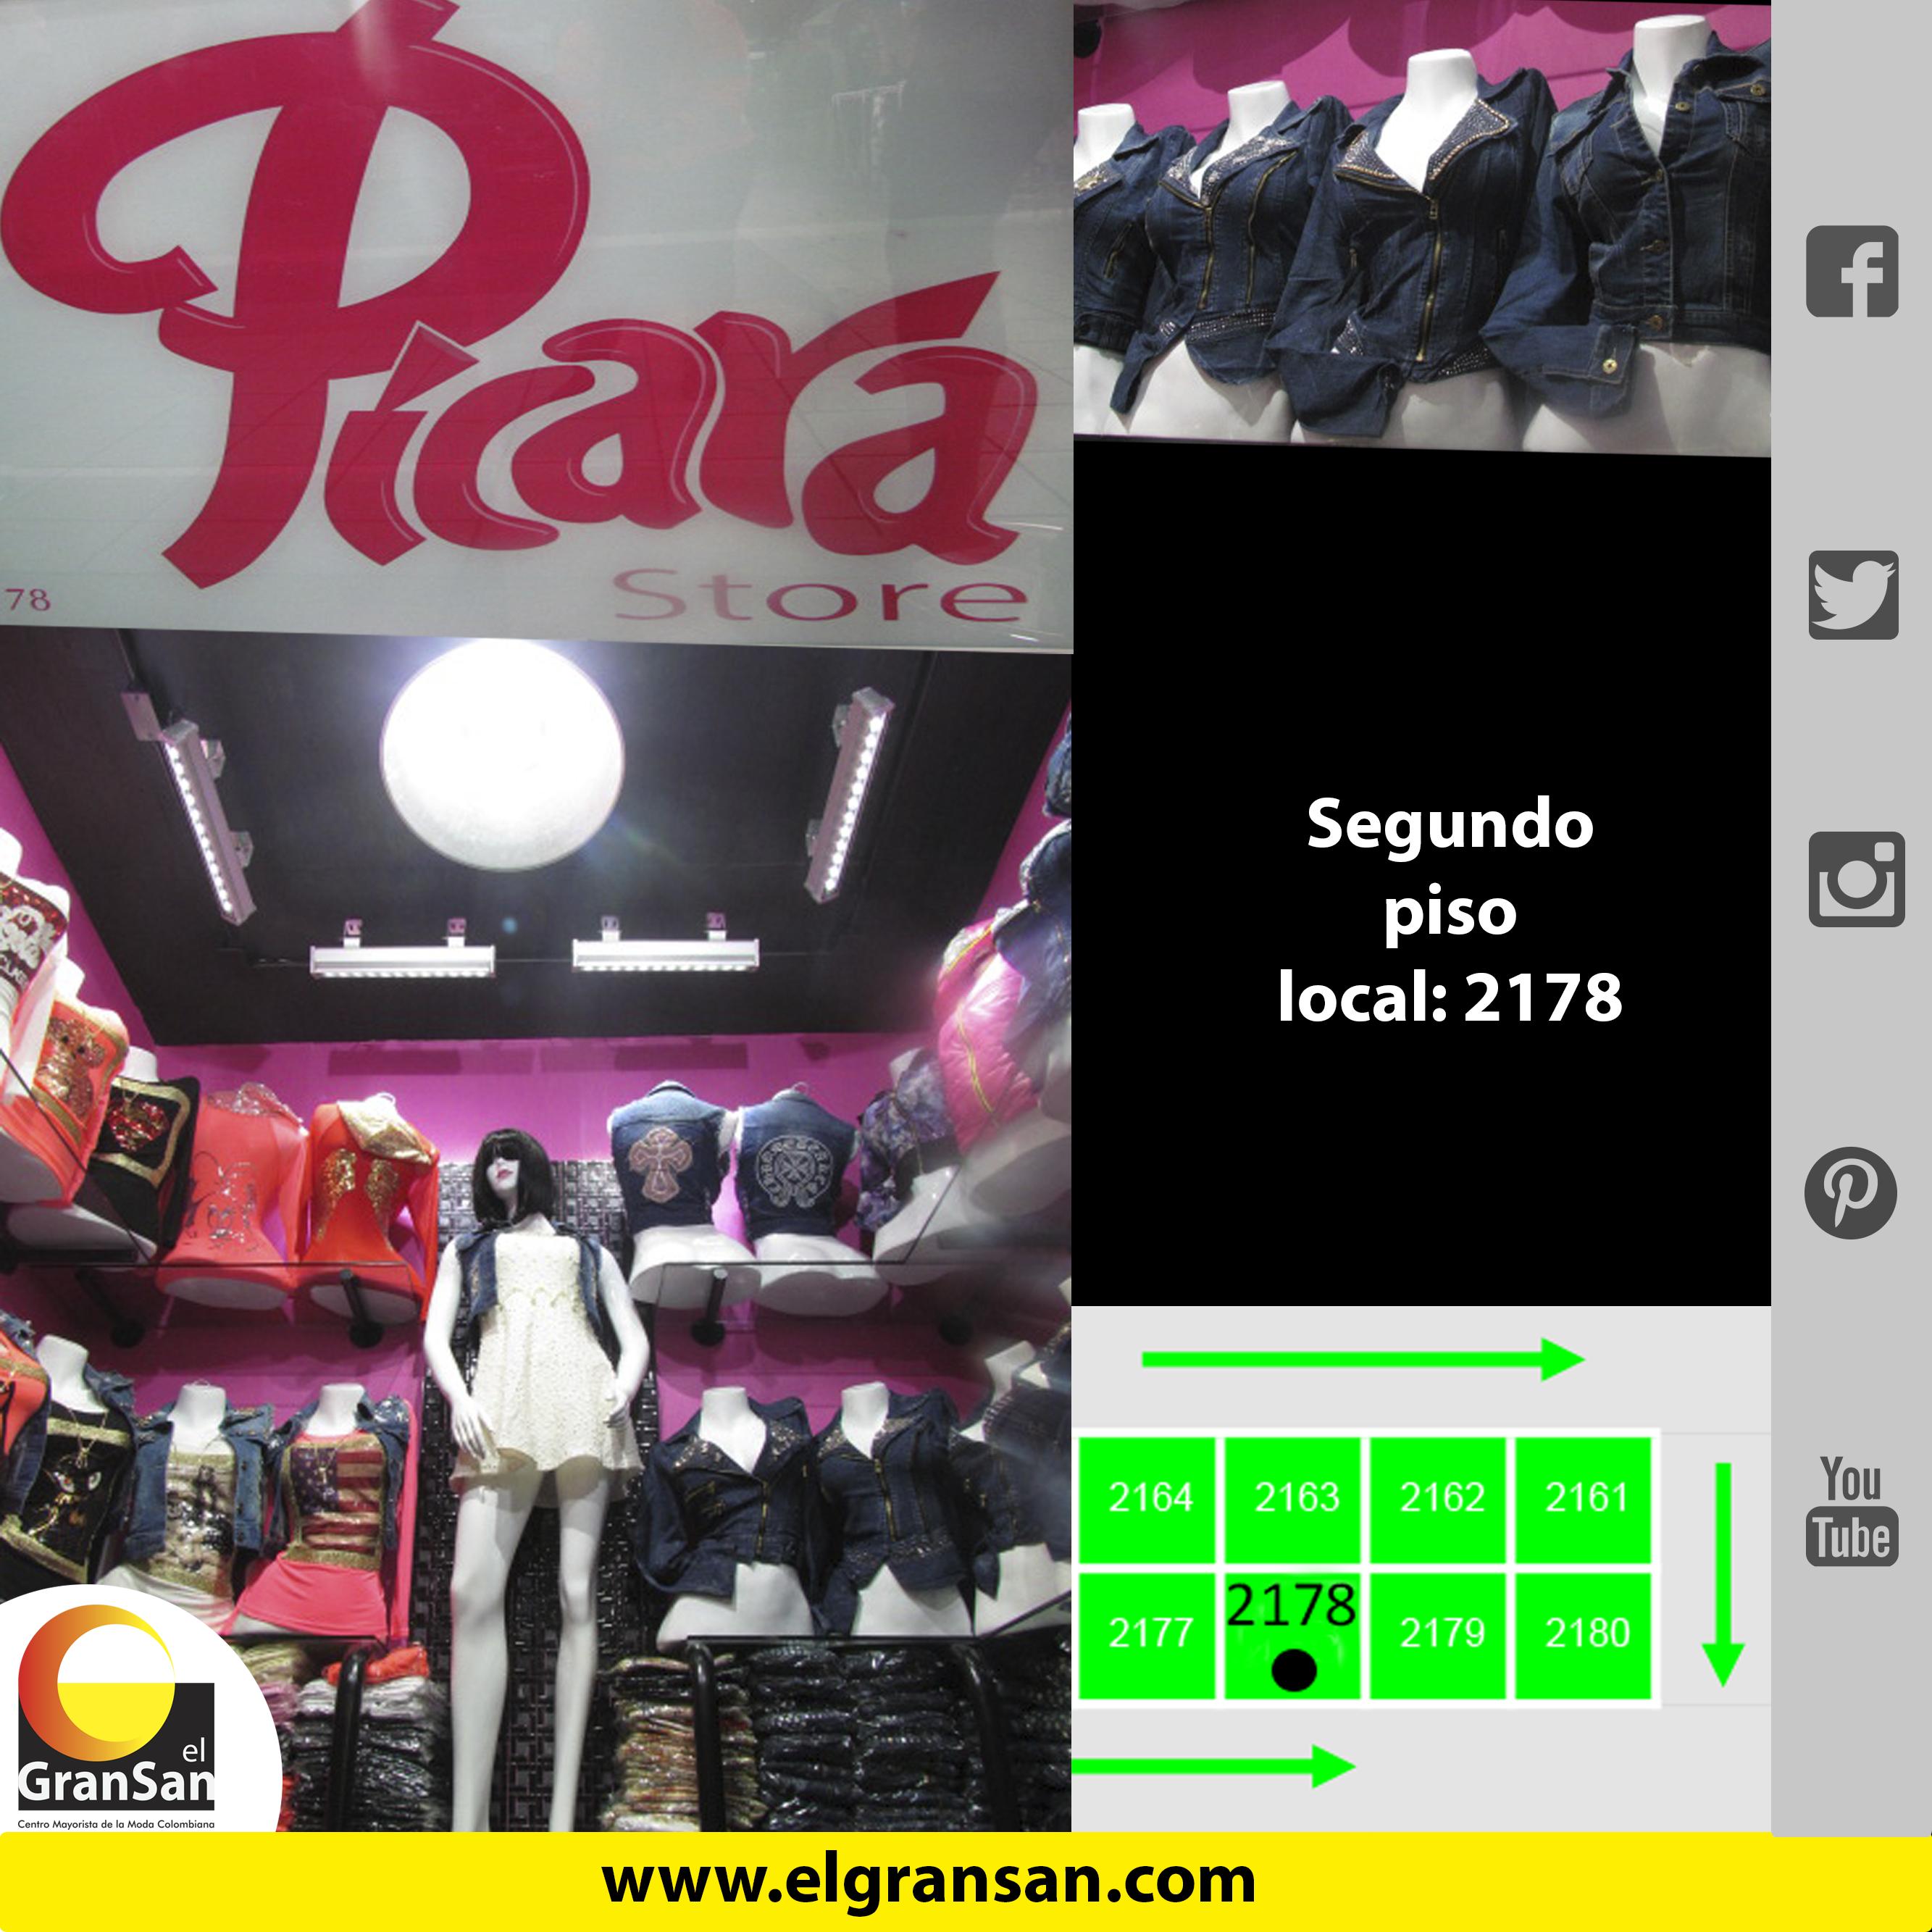 0acb6c7e85  MarcaDelDía  Picara Store Encuentra lo mejor en blusas